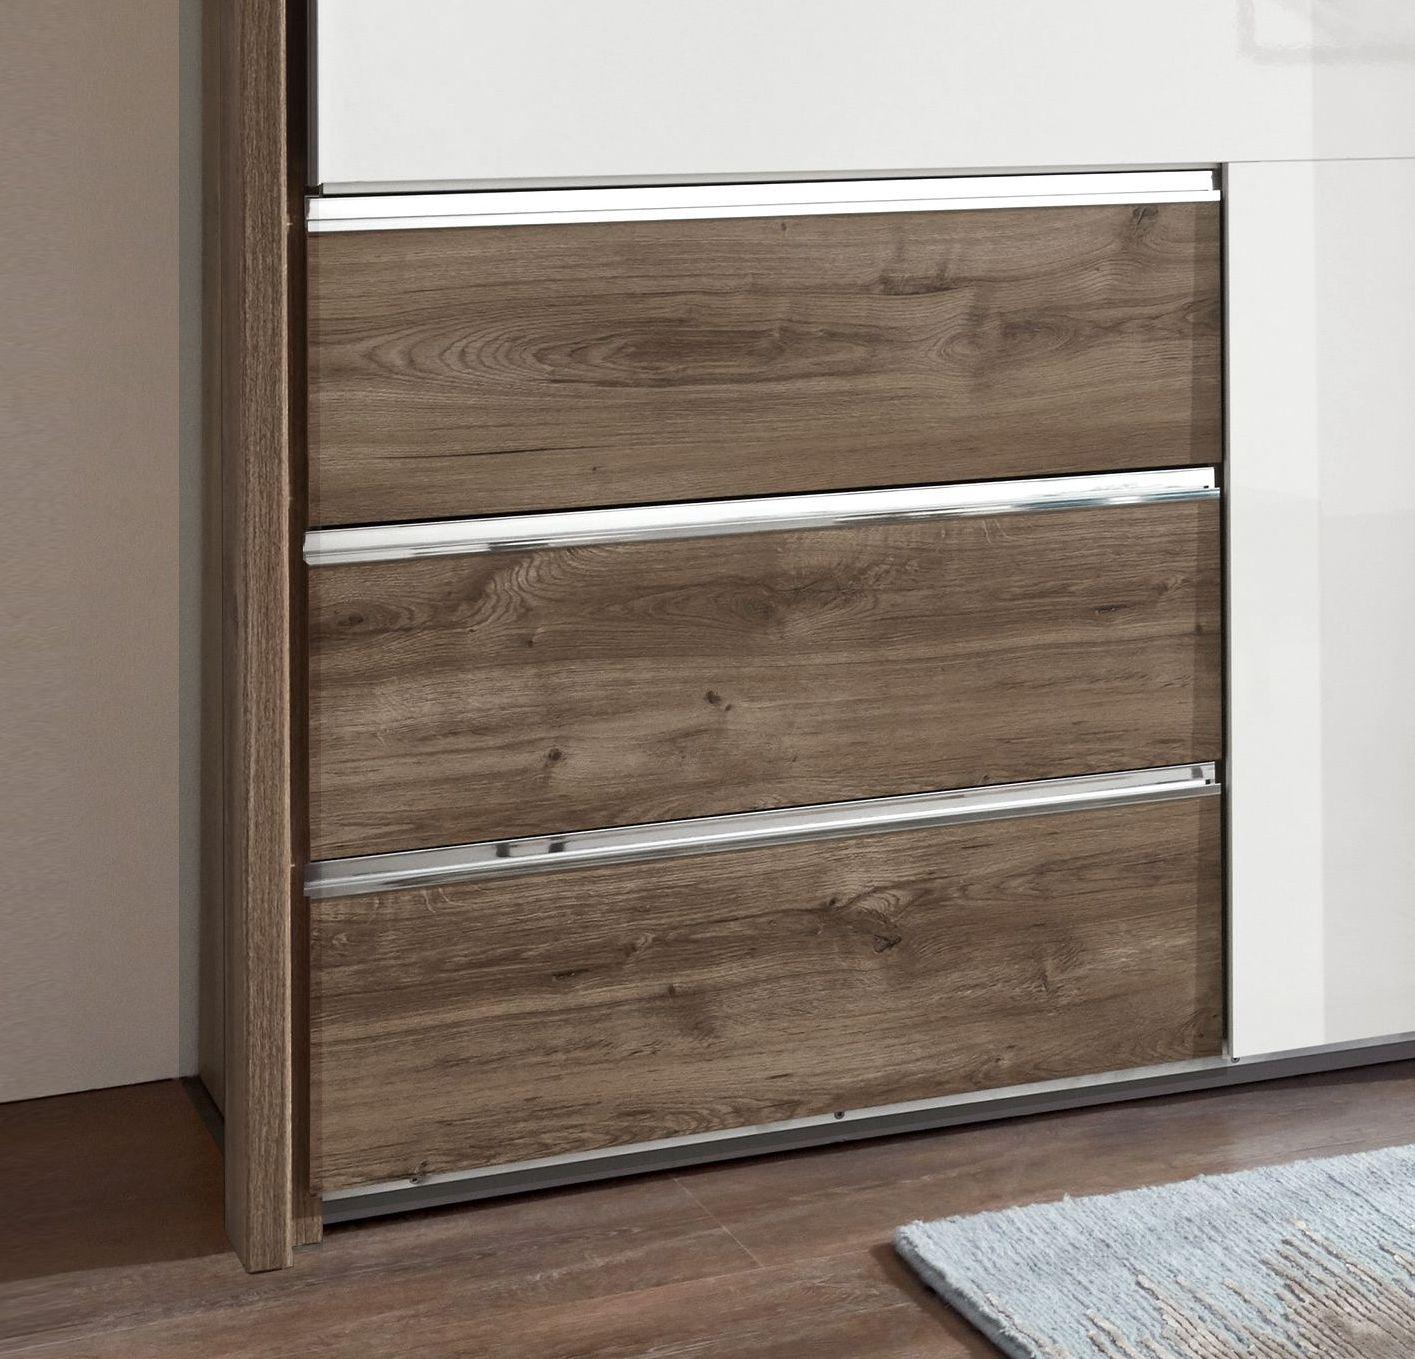 mit schubladen und einlegebden great schuhregal weiss komplett mit schubkasten und tren und. Black Bedroom Furniture Sets. Home Design Ideas